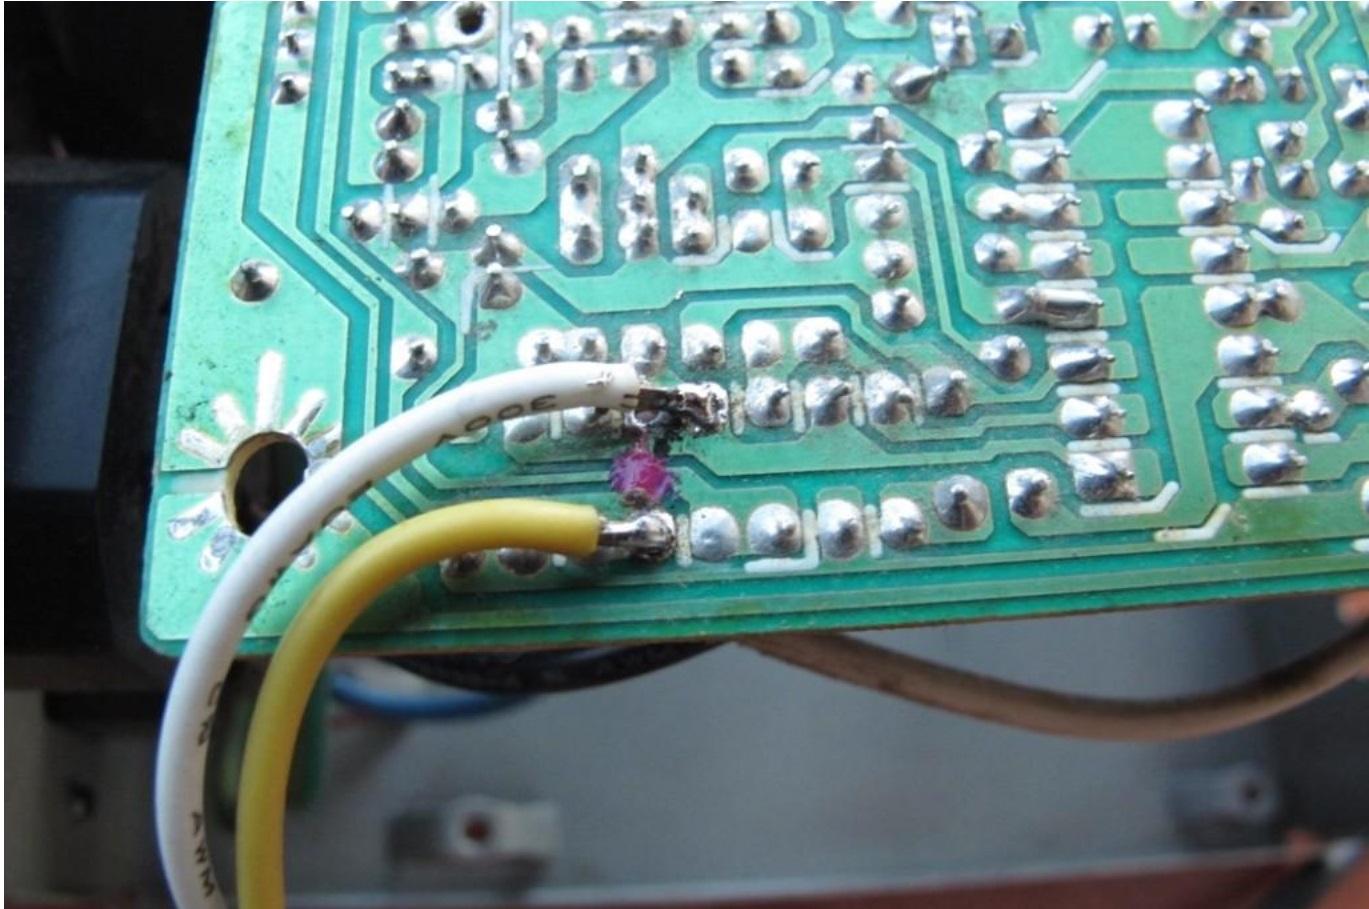 Как быстро по схеме сделать зарядное устройство для автомобильного аккумулятора своими руками